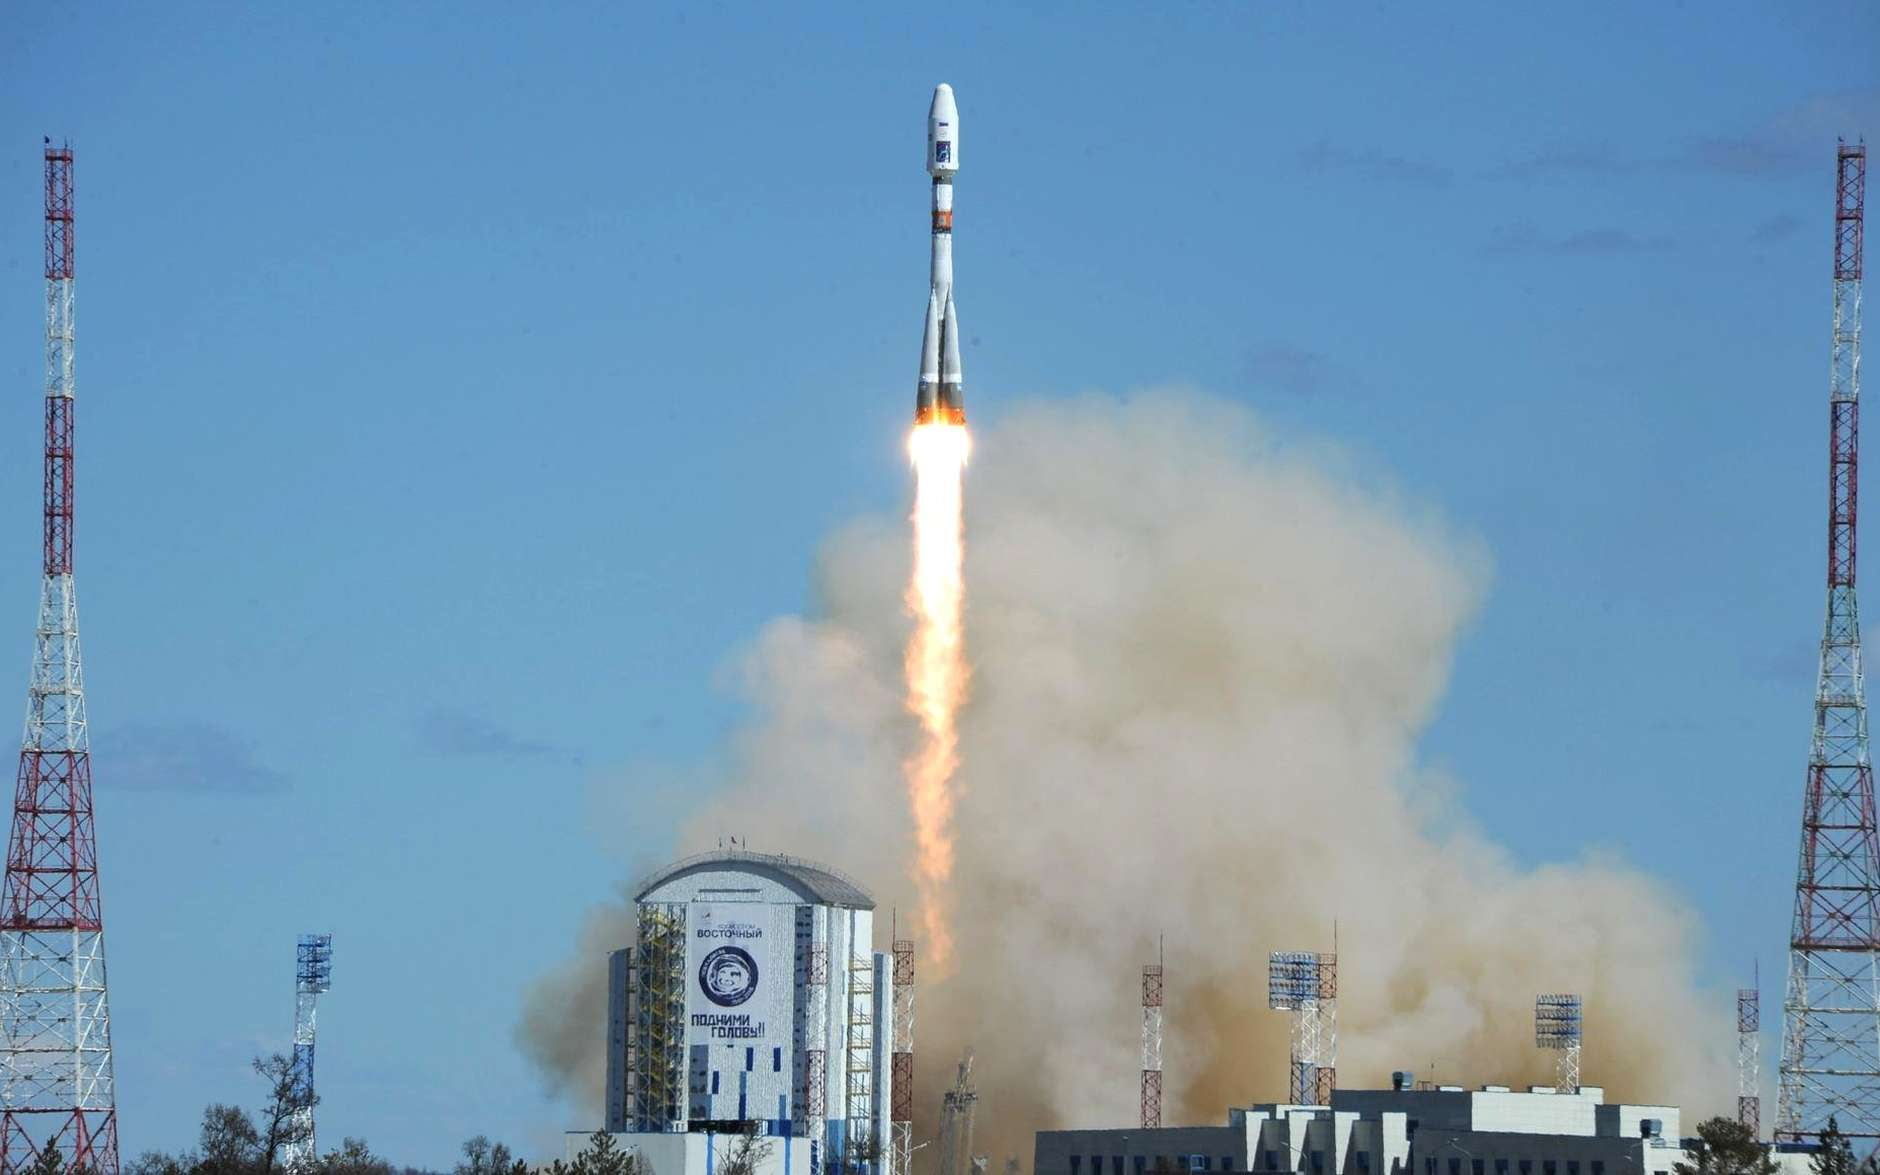 Le premier tir depuis le nouveau cosmodrome de Vostotchniy a été effectué ce jeudi 28 avril. Un lanceur Soyouz a décollé du seul pas de tir en service. Un deuxième site de lancement, dédié aux lanceurs de la famille Angara est prévu. Sa construction débutera dans le courant de l'année 2017. © Cabinet du président de la Russie